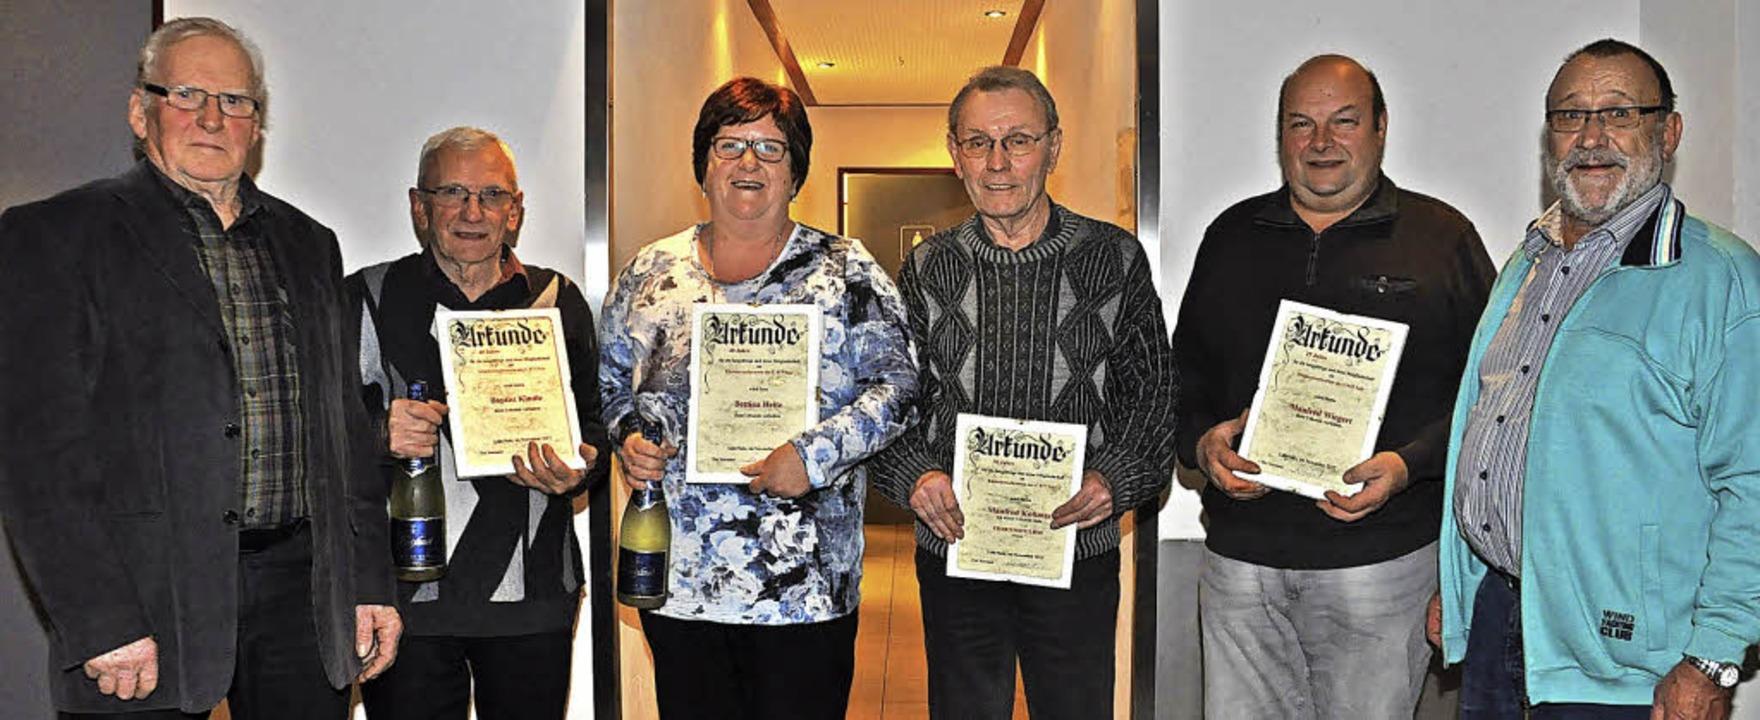 Vorsitzender  Heinz Sexauer (links) un...inks)mit Urkunde und  Ehrennadel aus.     Foto: Dieter Fleig